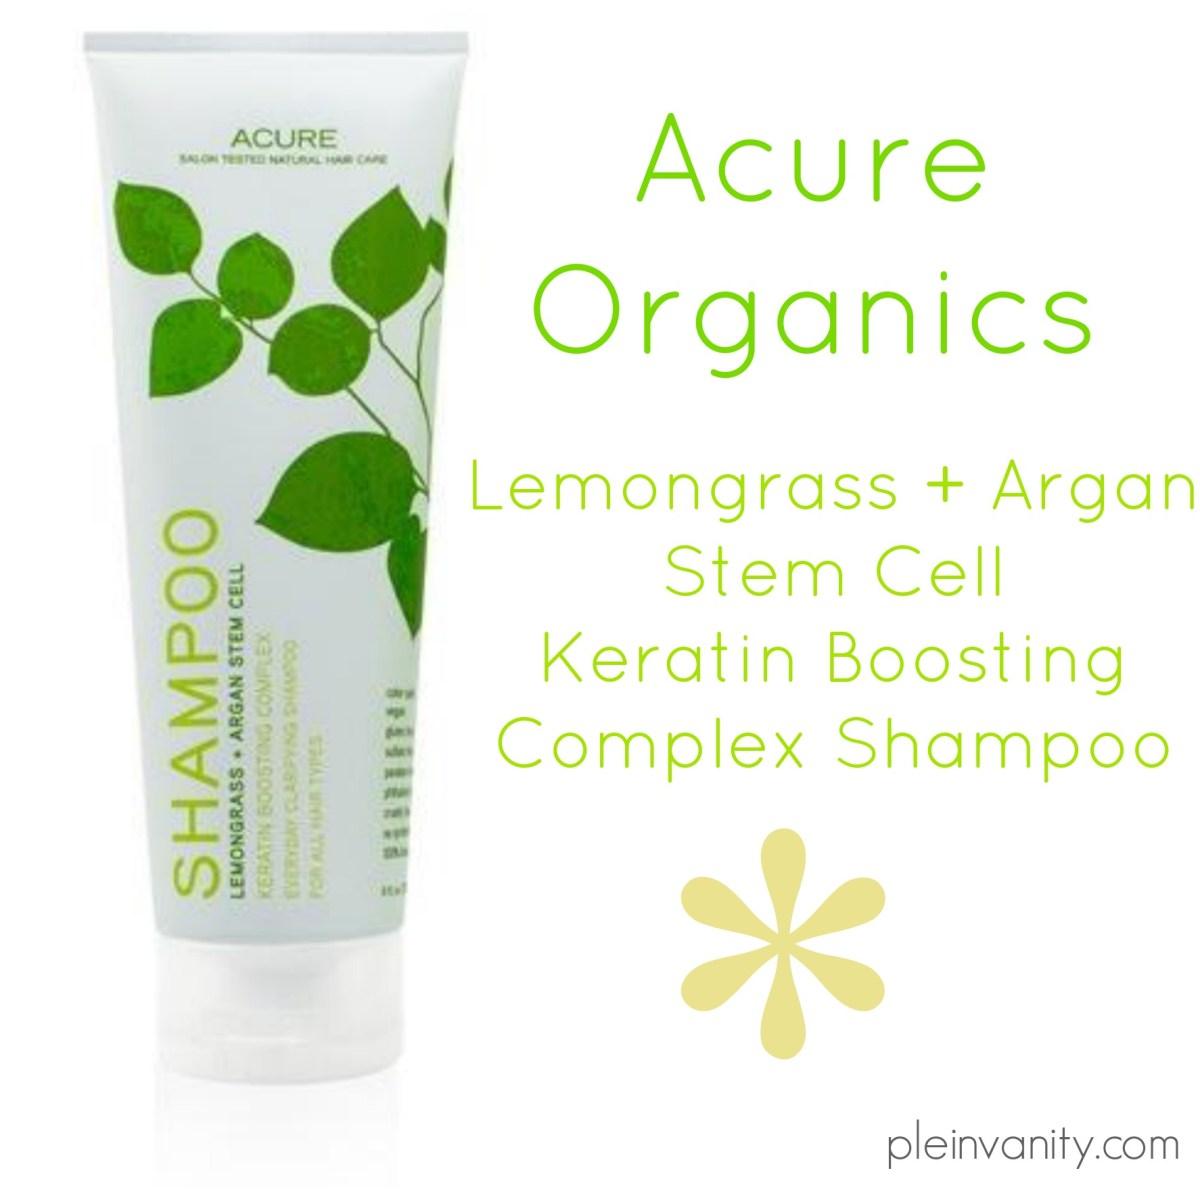 Shampoo Savior: Acure Organics Lemongrass + Argan Stem Cell Shampoo Review